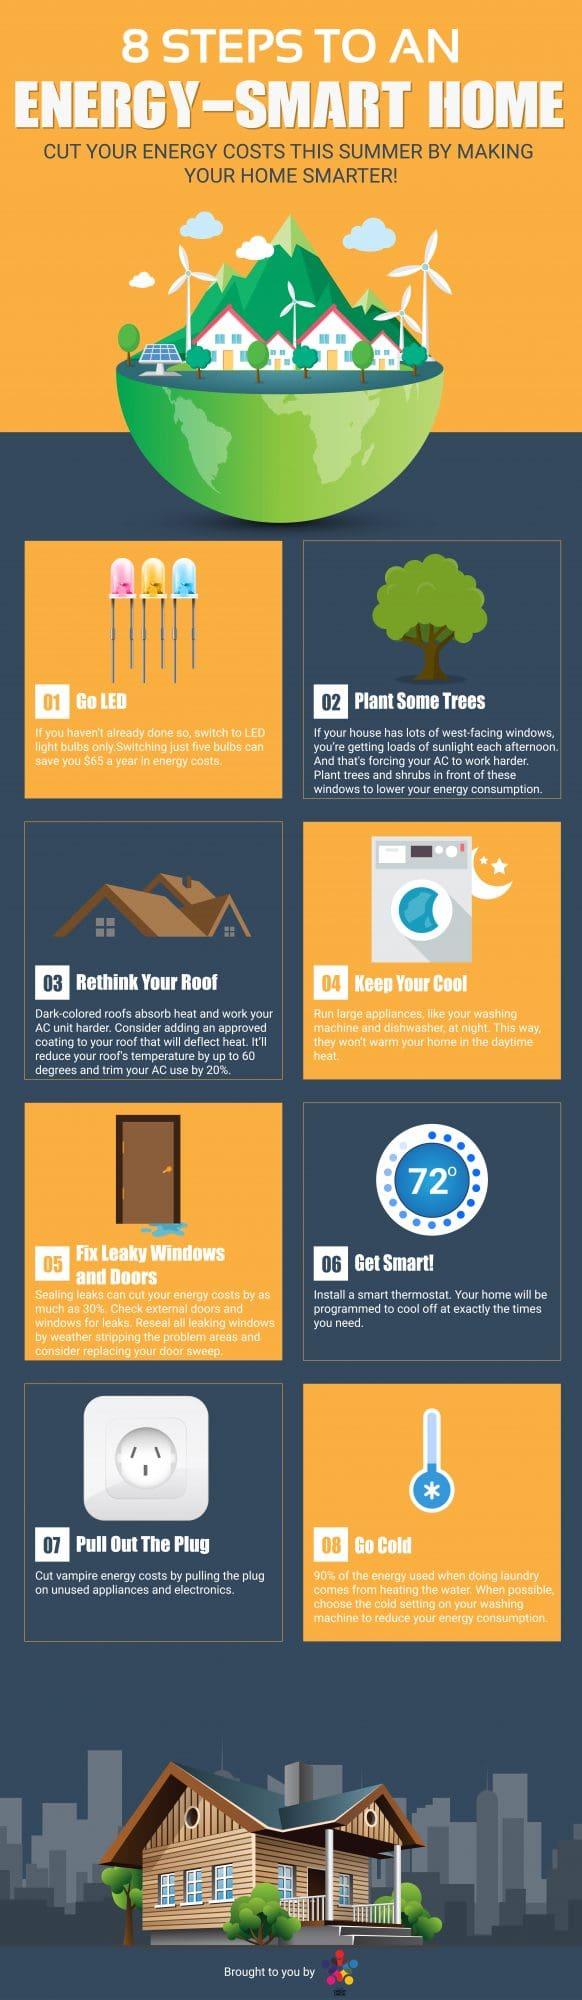 Energy-Smart-Home-01-1.jpg